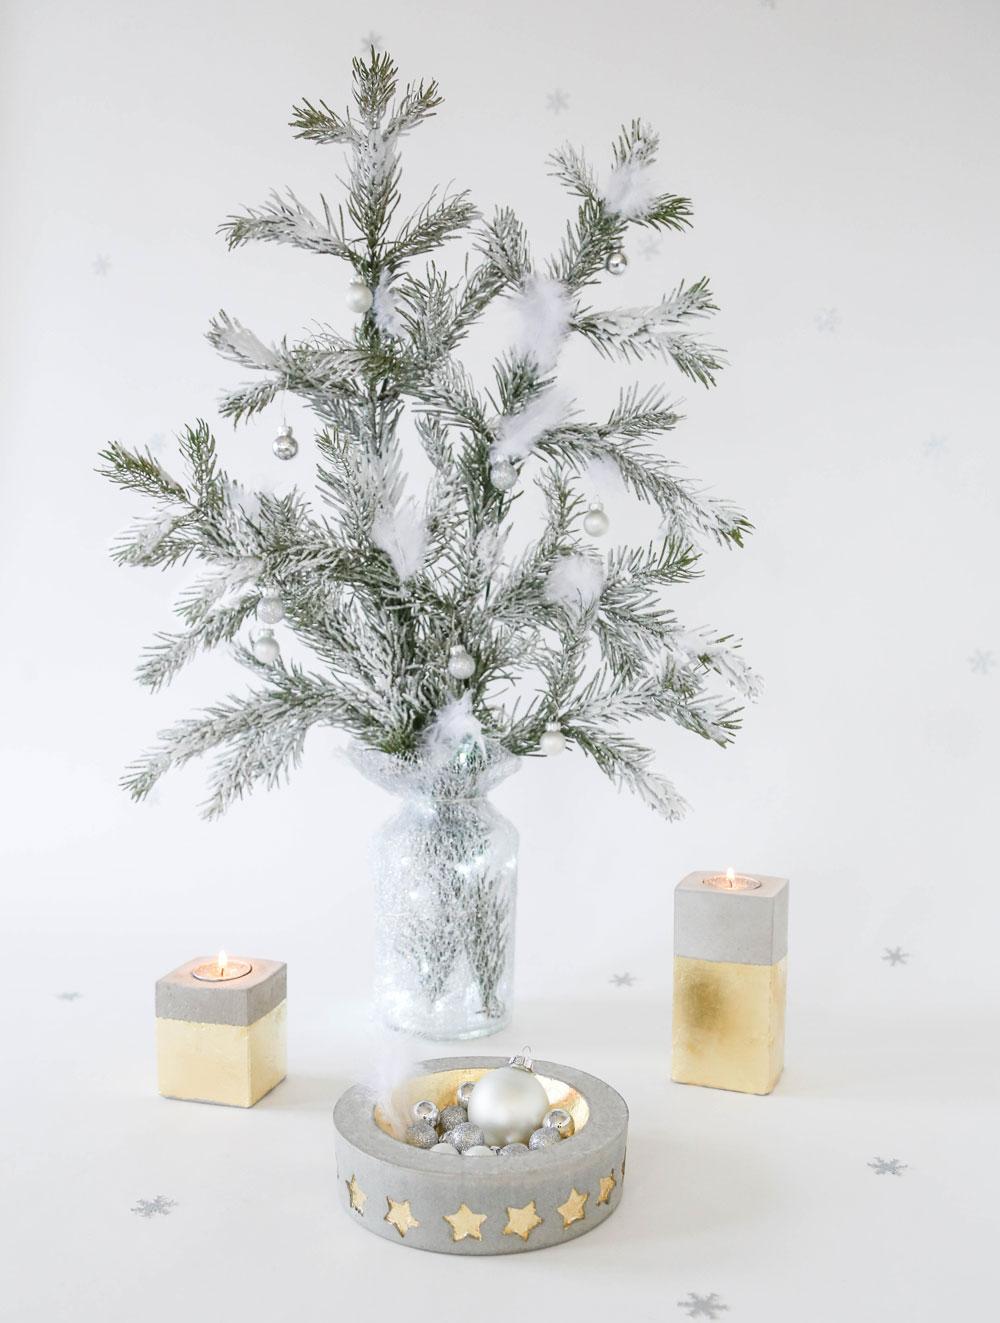 sch nes aus beton f r den weihnachtstisch do it garden blog. Black Bedroom Furniture Sets. Home Design Ideas